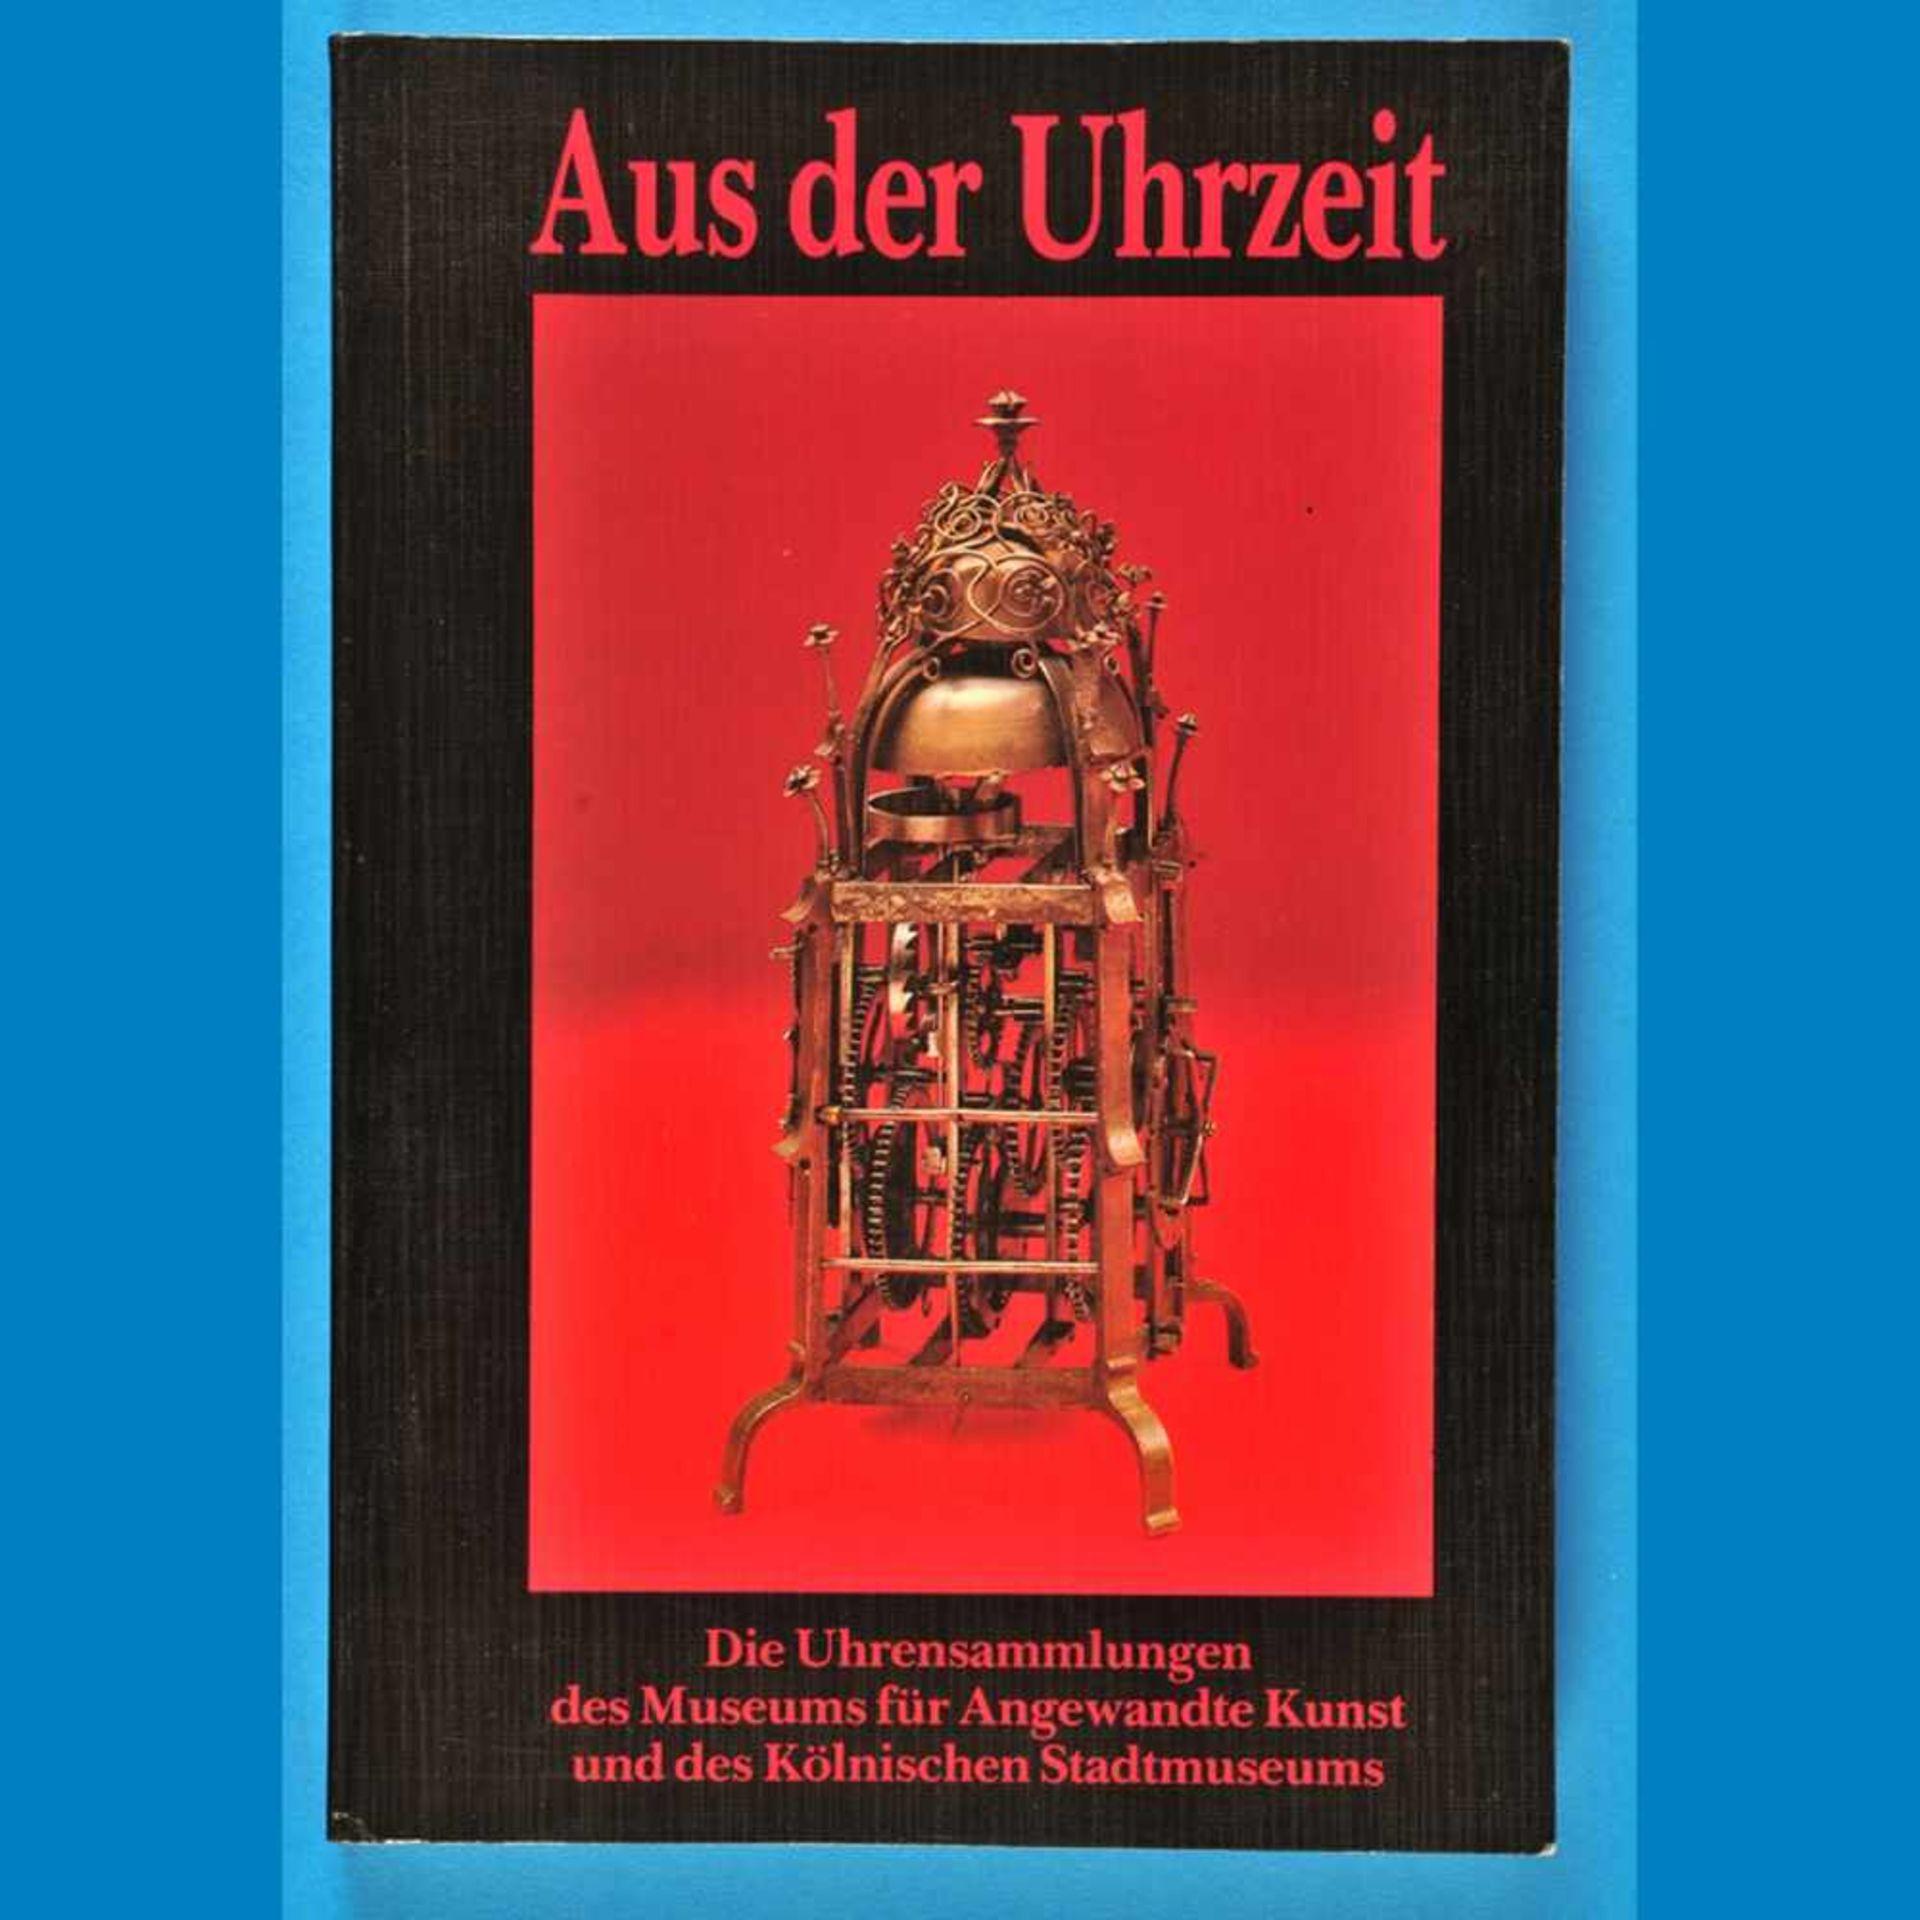 Helmut Krieg, Aus der Uhrzeit - Die Uhrensammlungen des Museums für angewandte Kunst und des